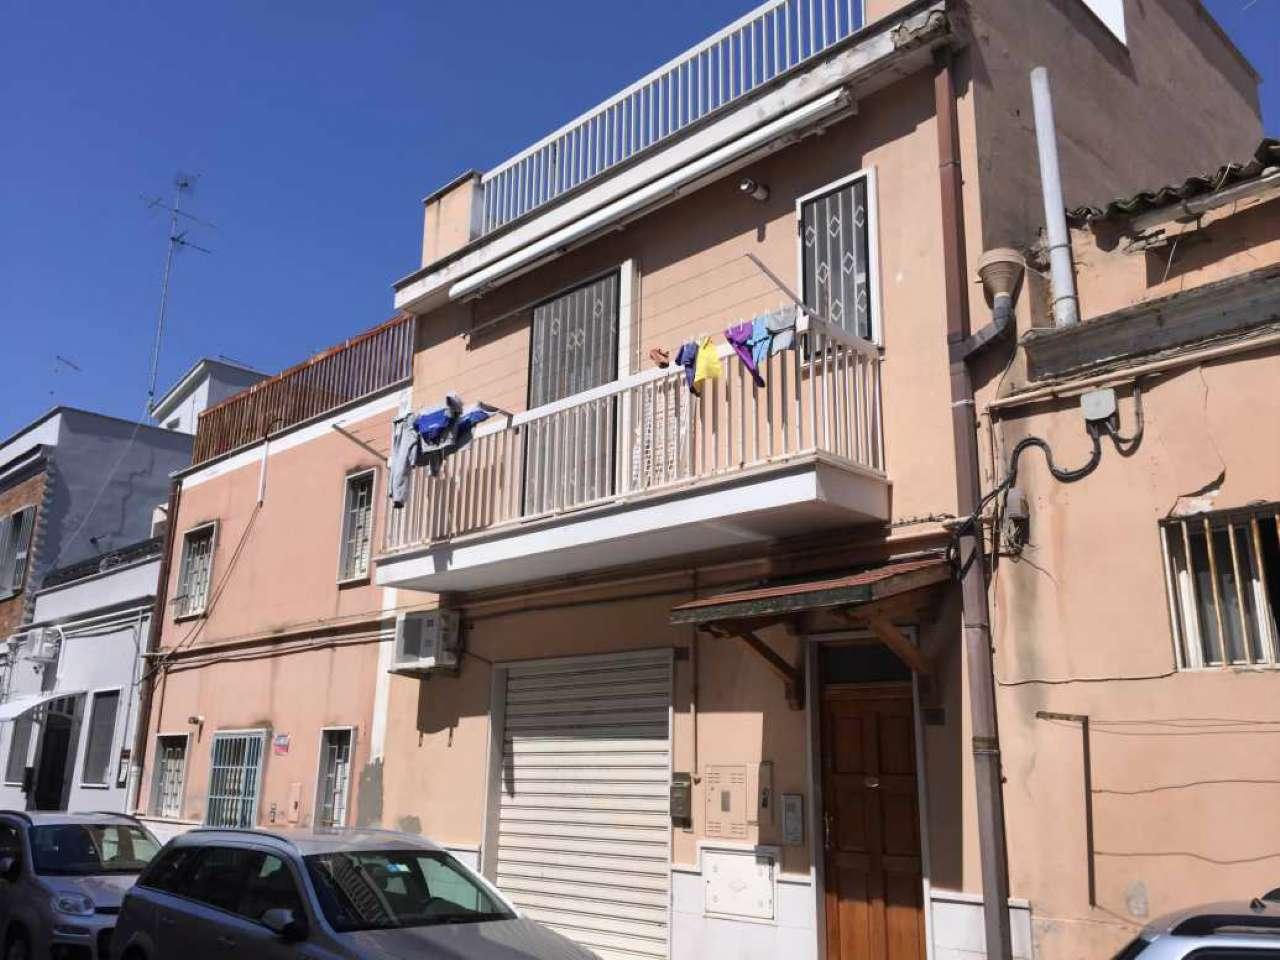 Soluzione Indipendente in affitto a Foggia, 2 locali, prezzo € 320 | Cambio Casa.it